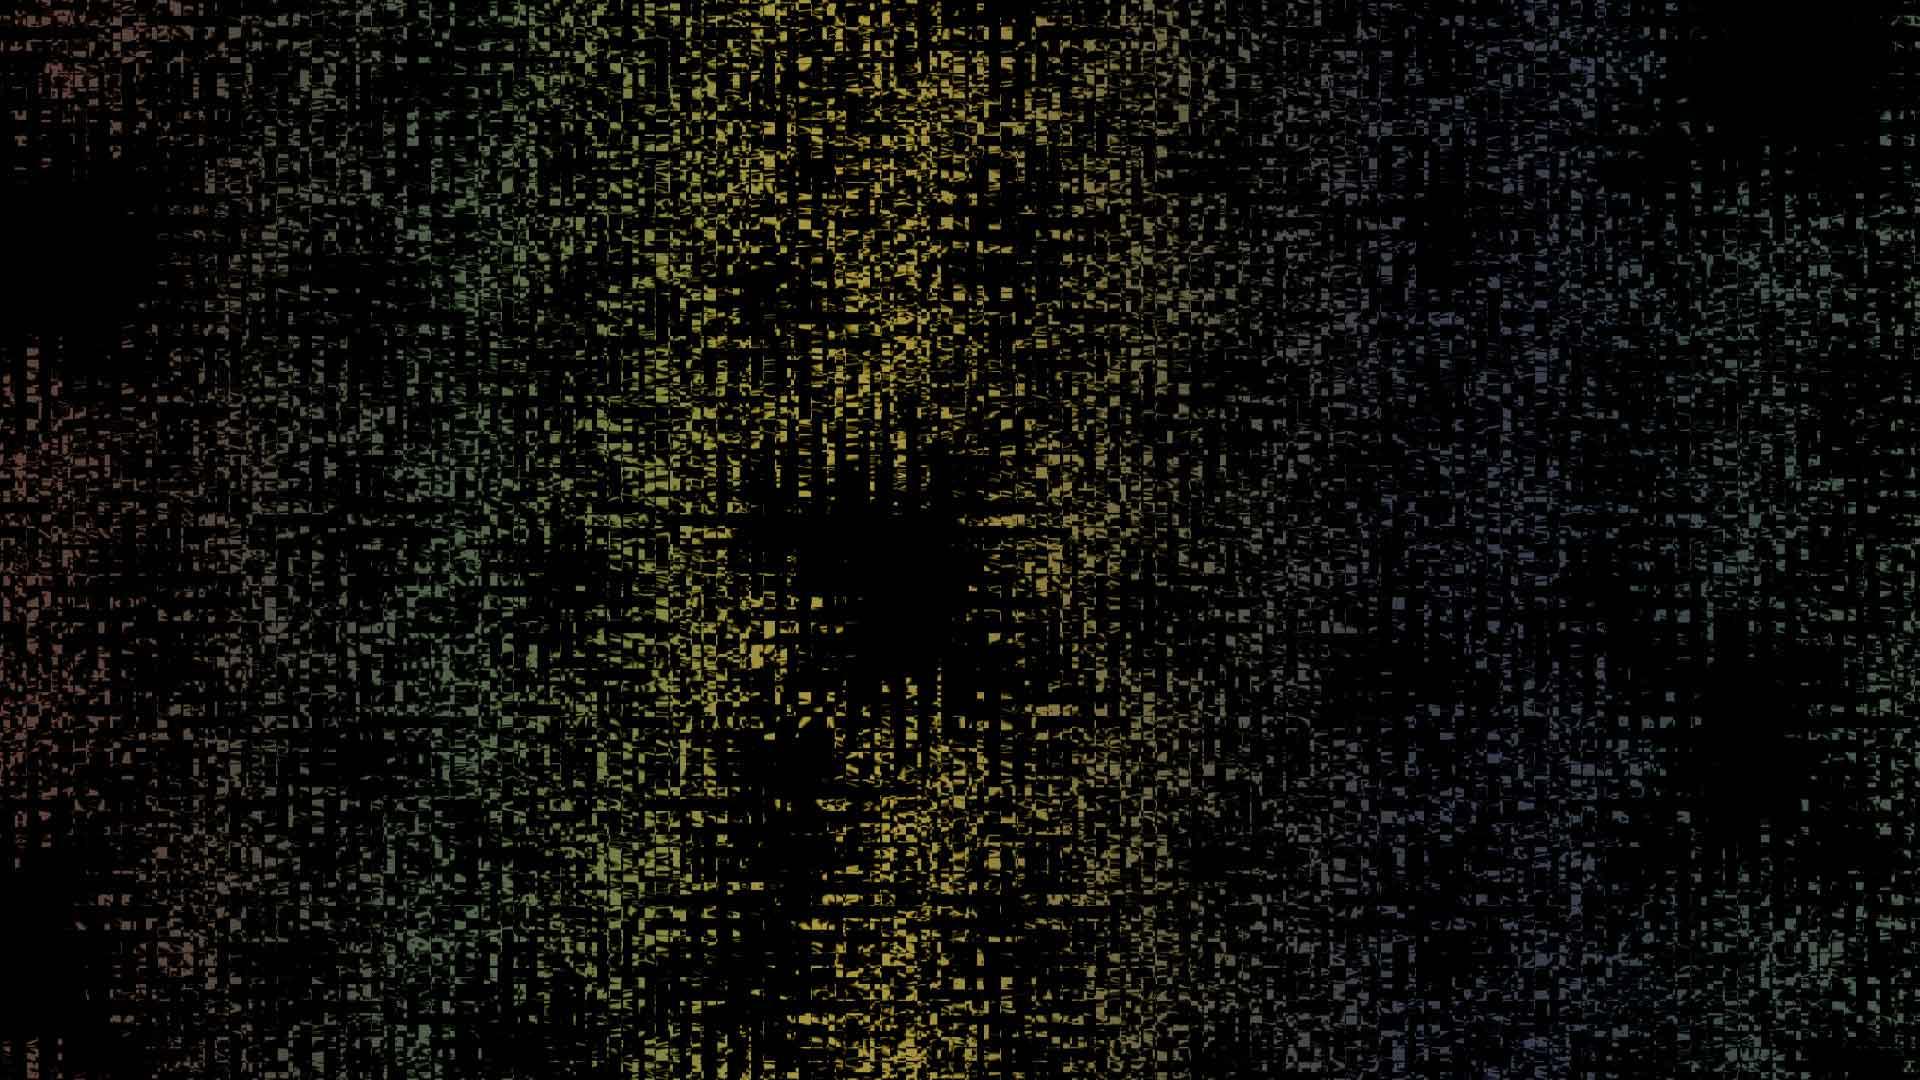 black wallpaper 1920x1080 hd